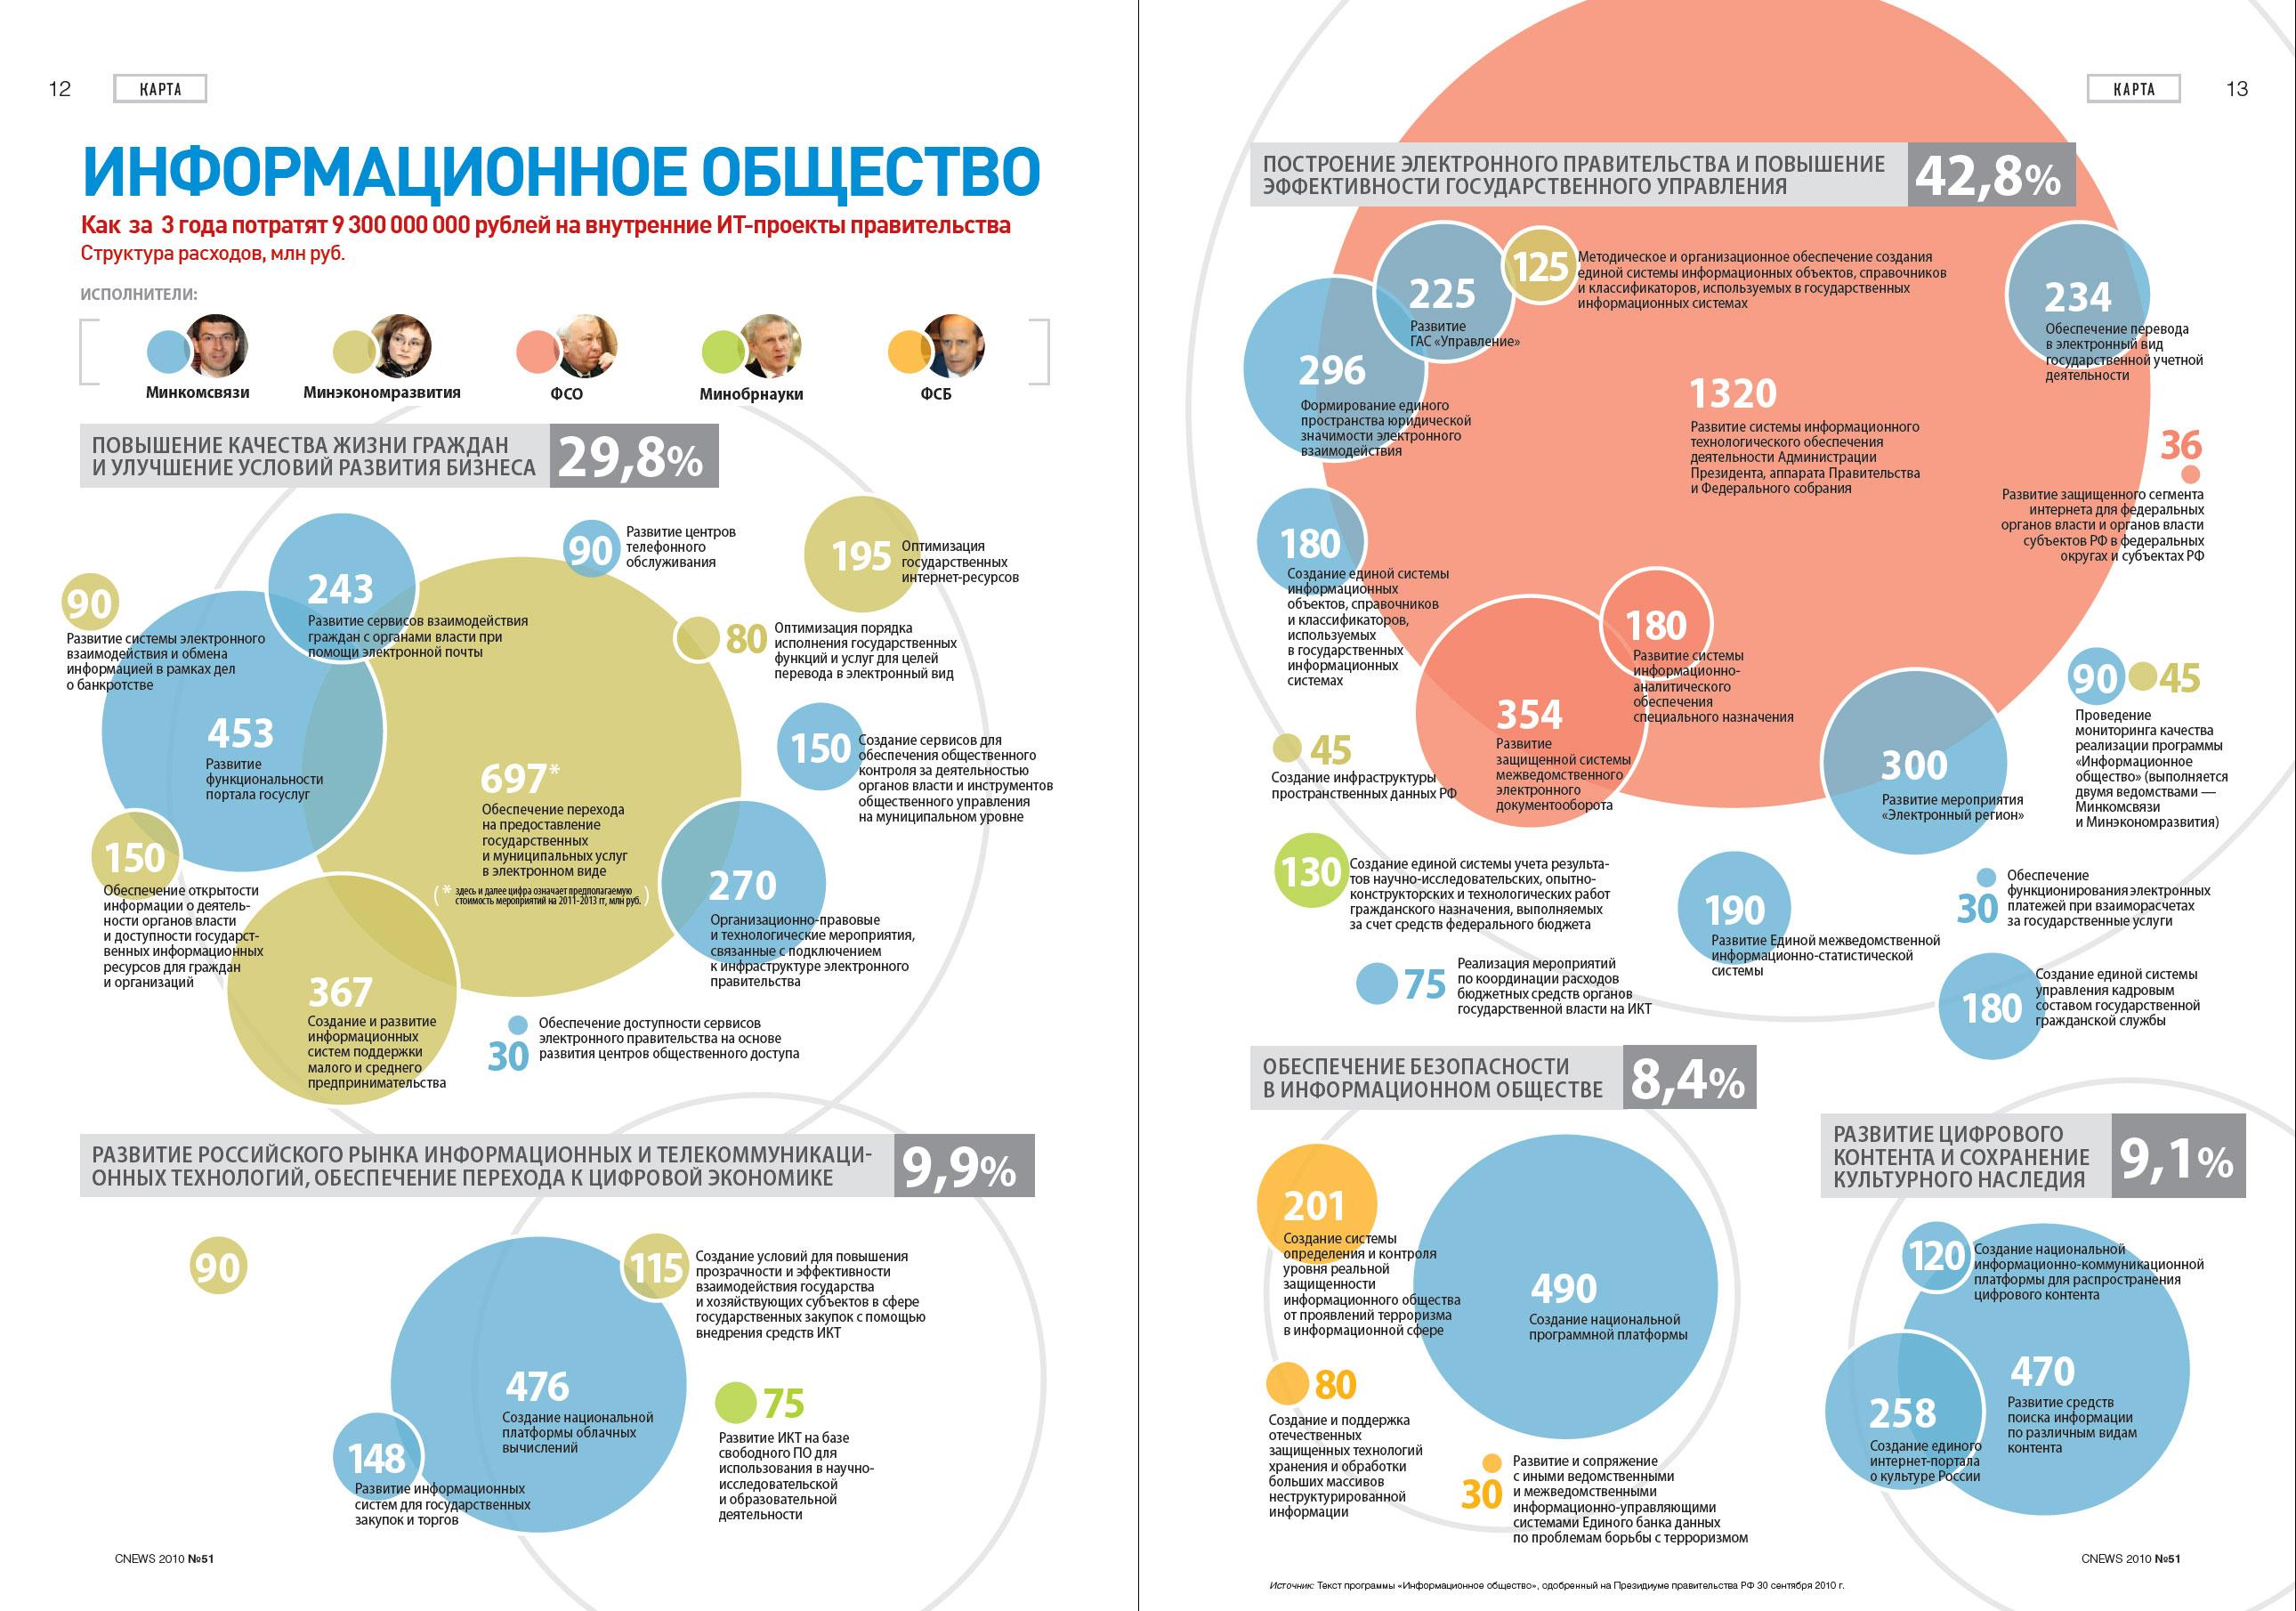 Схема развития информационного общества